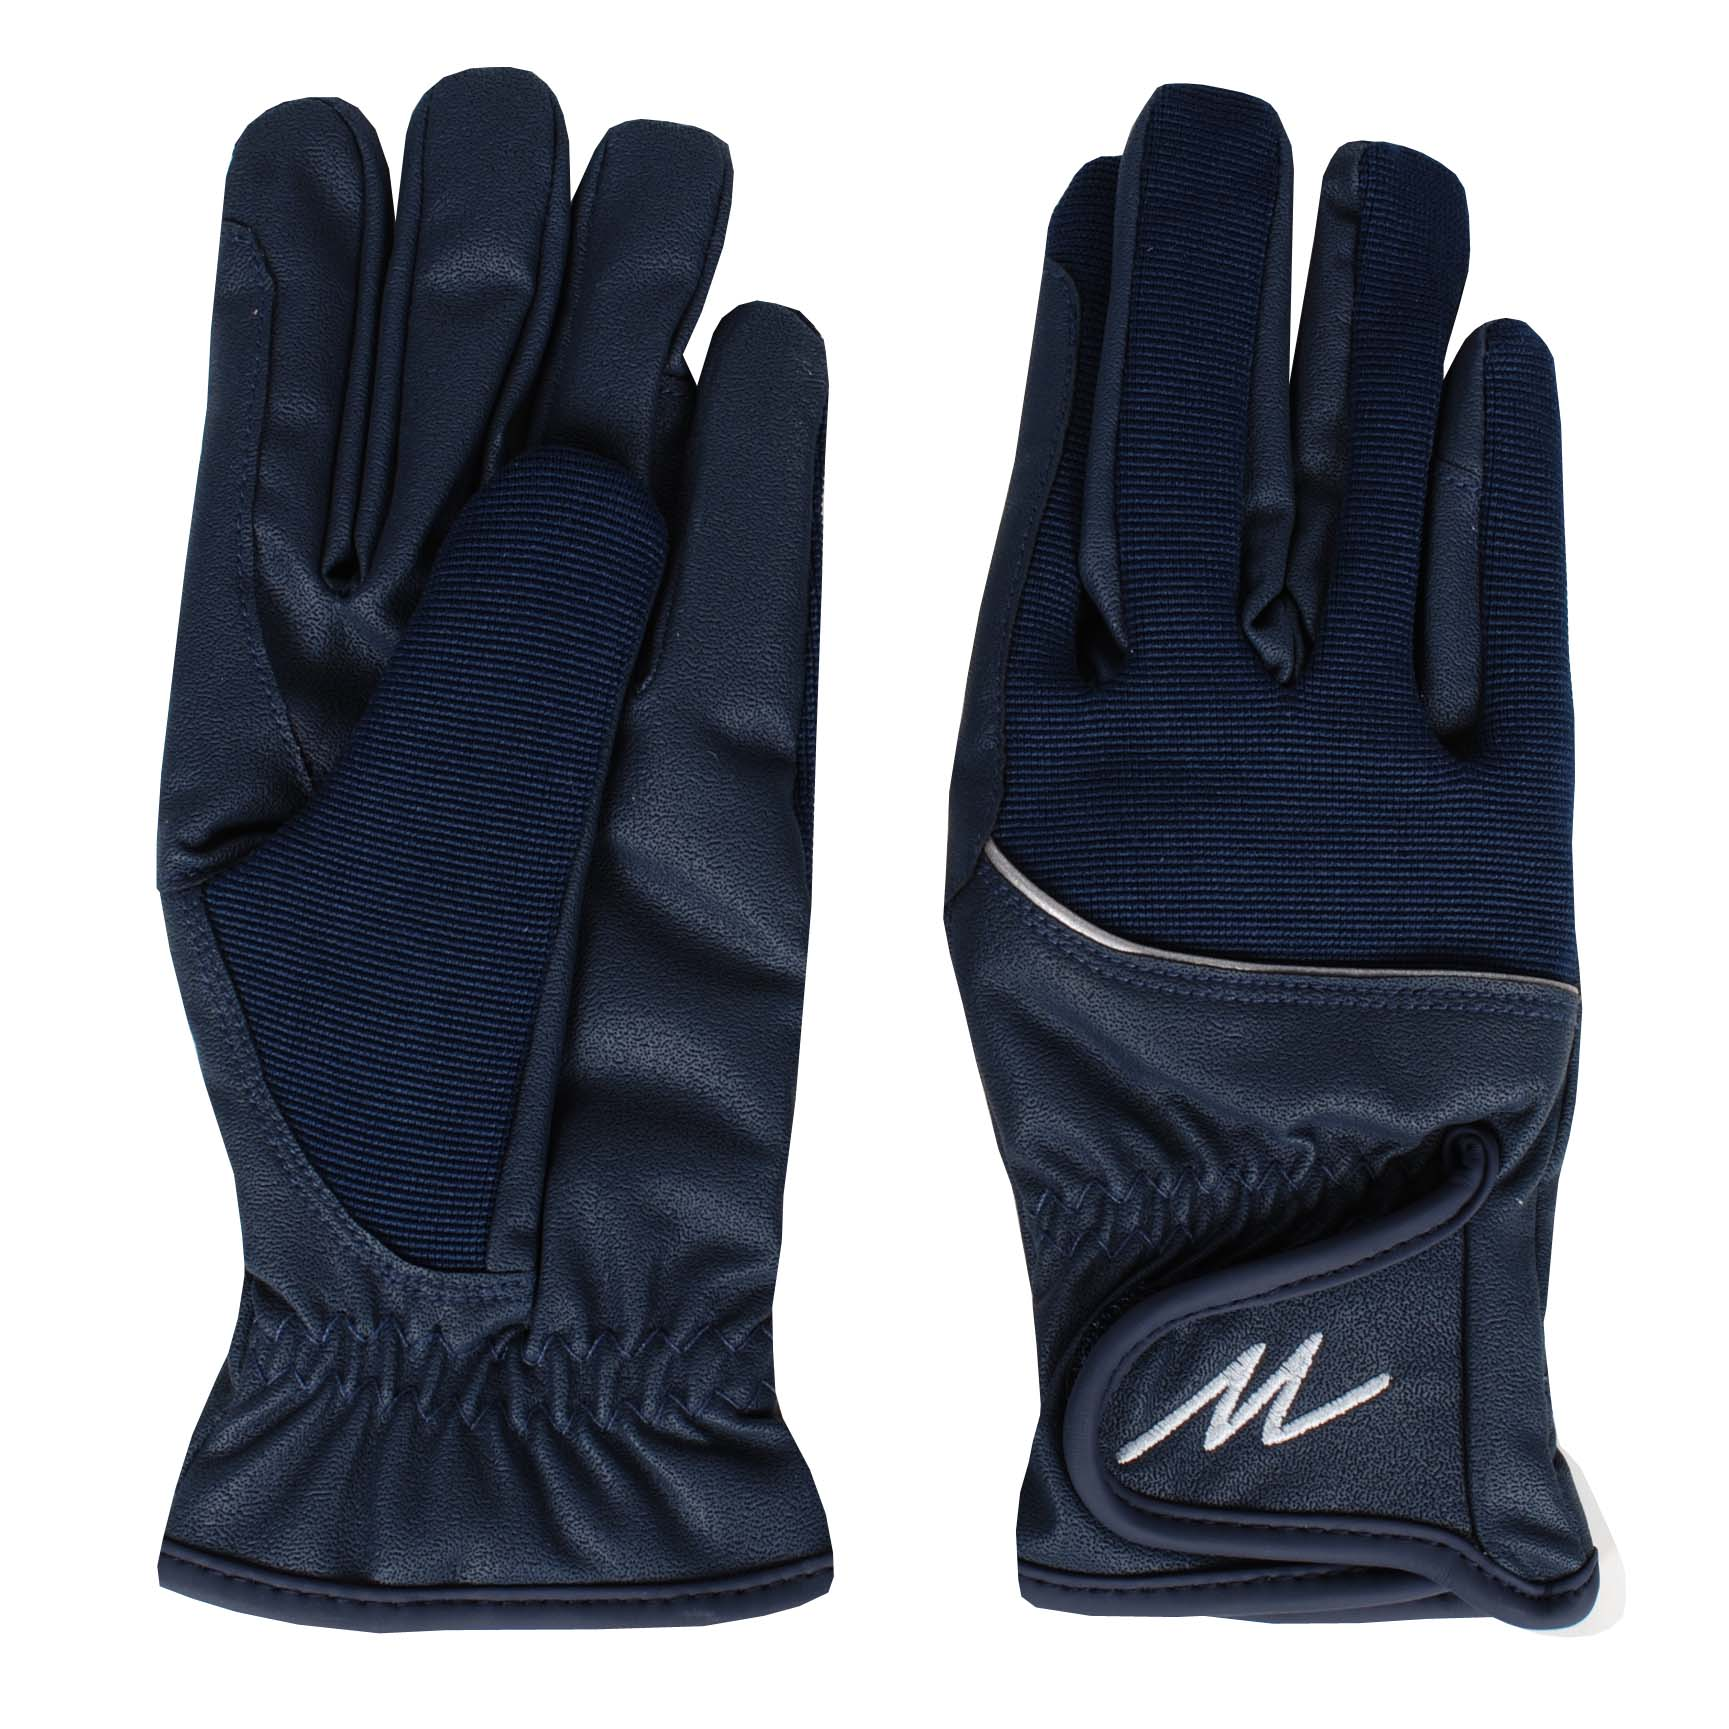 Mondoni Mendoza winter handschoenen donkerblauw maat:l